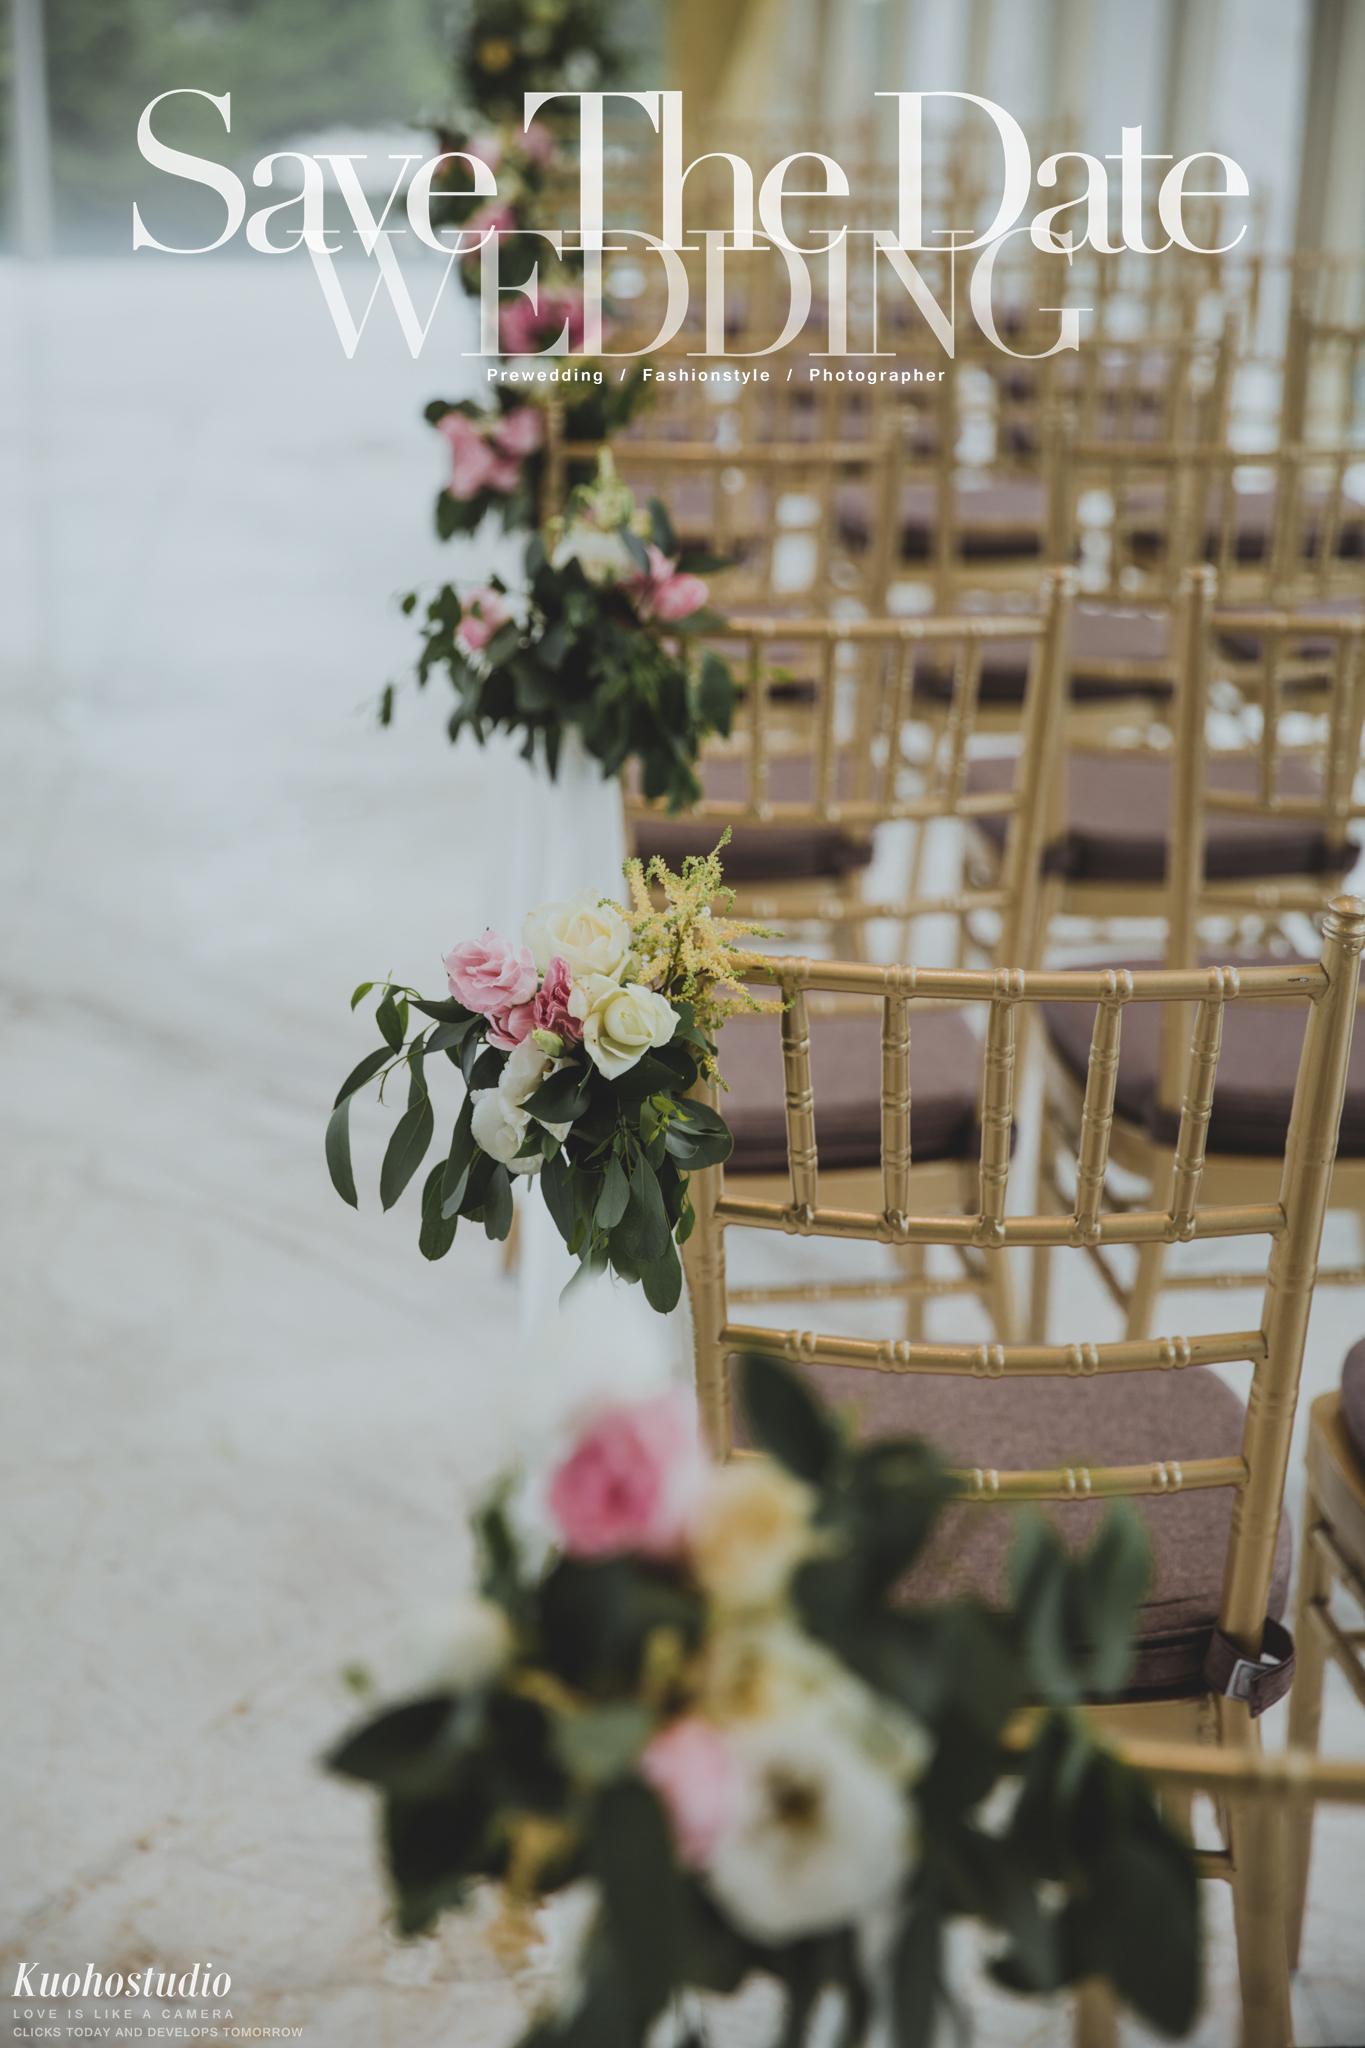 台中自助婚紗,台北自助婚紗,台中婚攝,婚禮紀實,郭賀,婚禮紀錄,萊特薇庭,婚禮,宴會廳,婚禮場地,萊特薇庭婚禮,台中婚禮紀錄,台中婚禮紀實